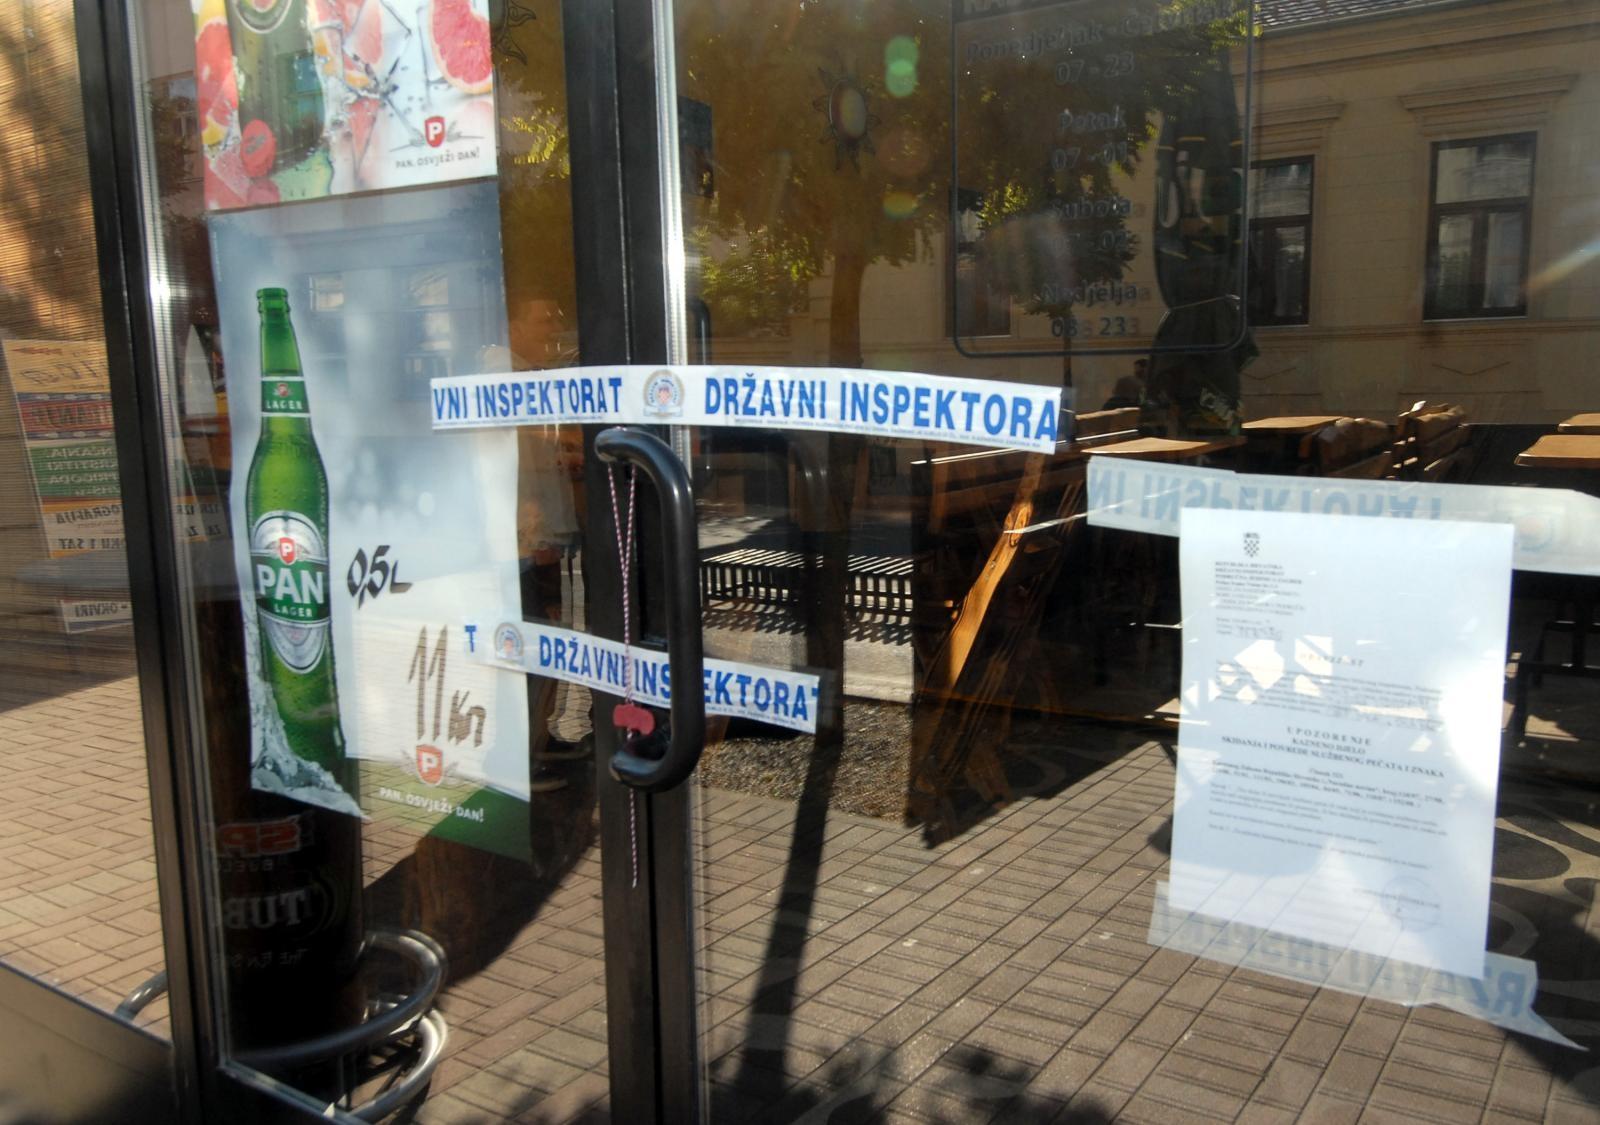 KRENULO JE: Zbog nepoštivanaj epidemioloških mjera zapečaćen kafić